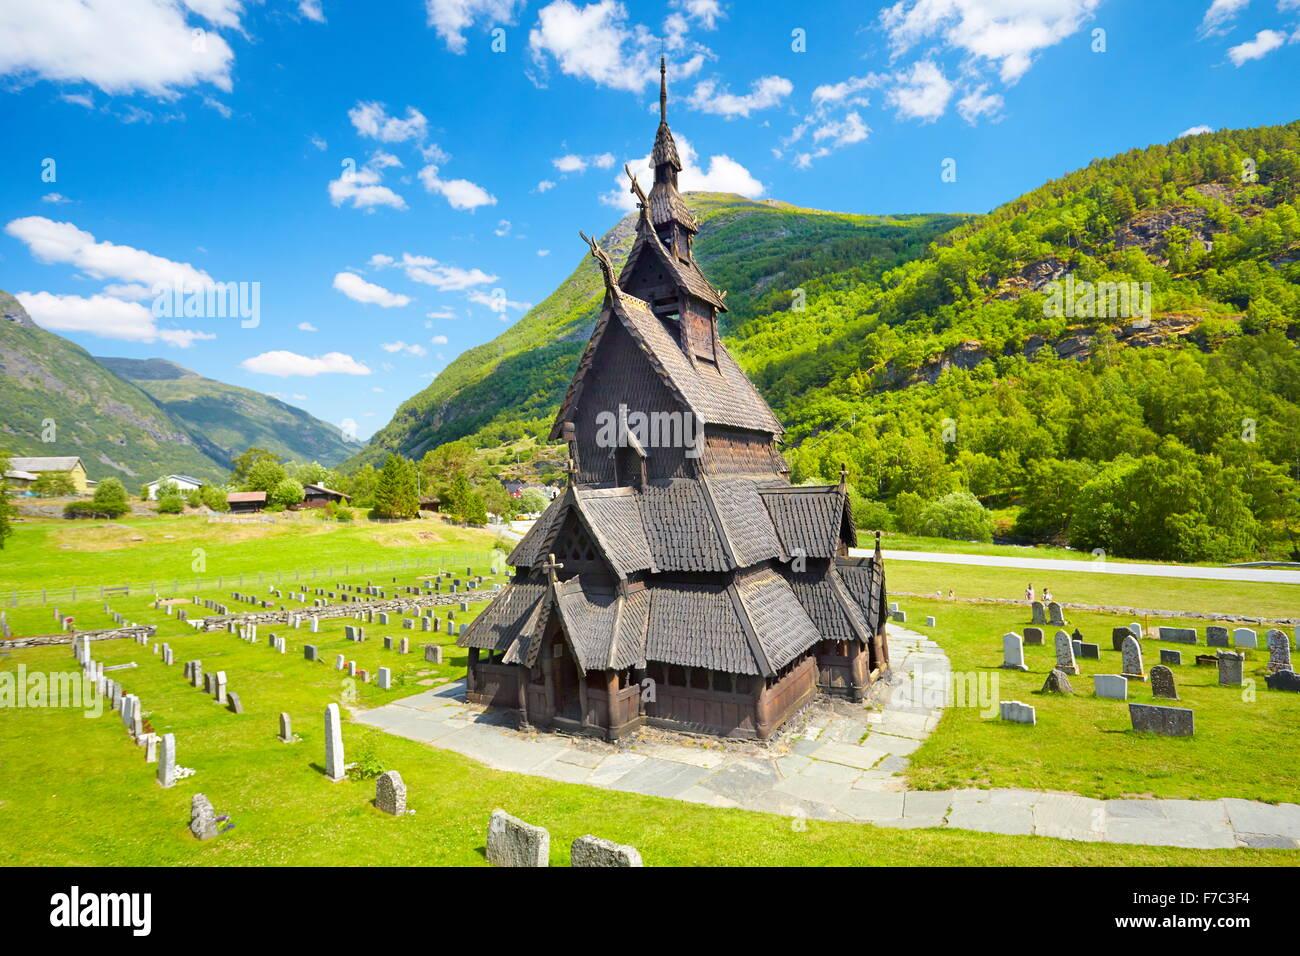 Église Borgund, Sogn og Fjordane, Norvège Photo Stock